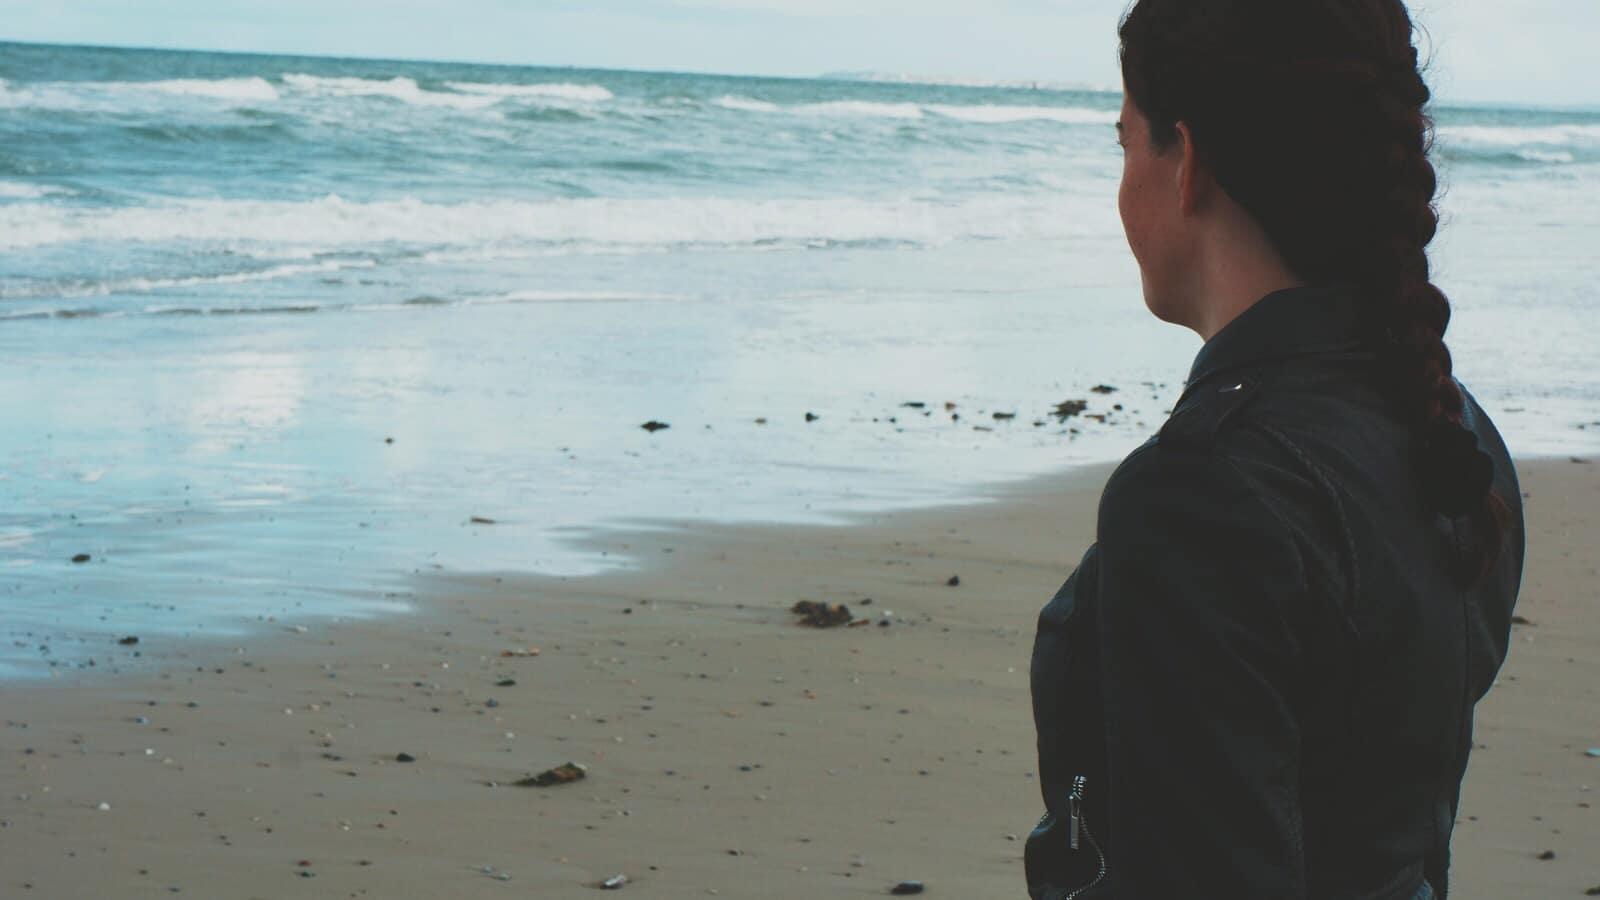 Ik kijk uit over de zee